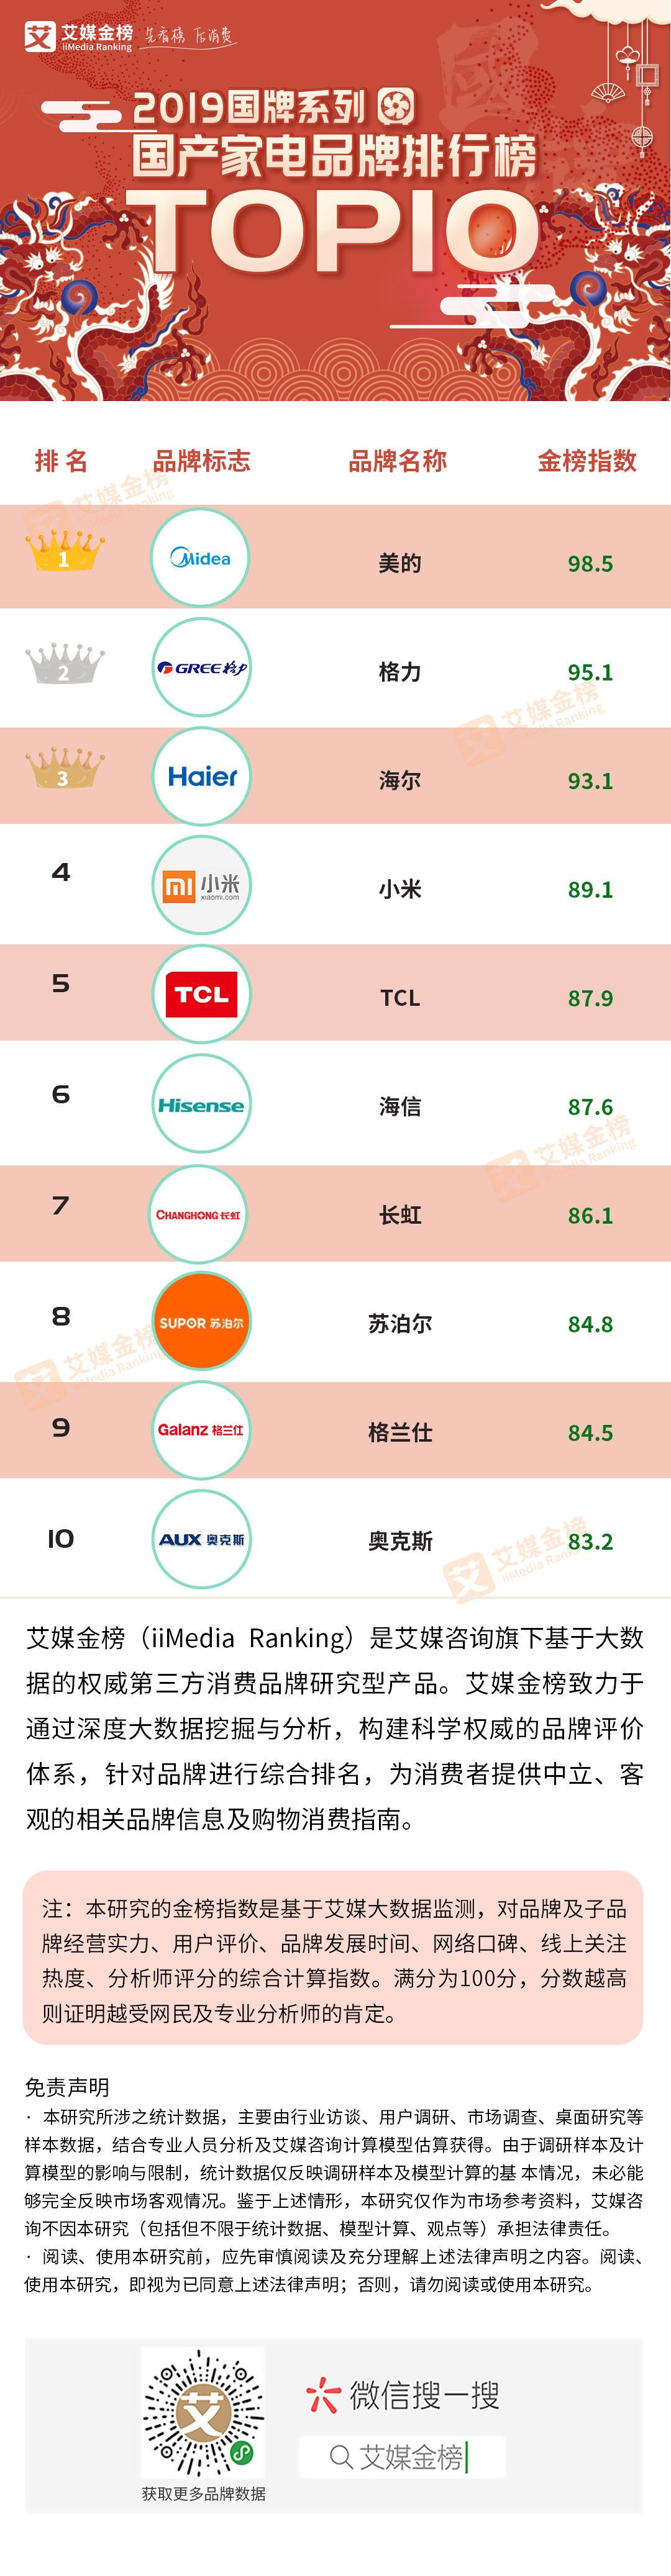 """2019家电销售排行_2019""""双11""""各大品牌销售排行榜,看看最受大家欢"""